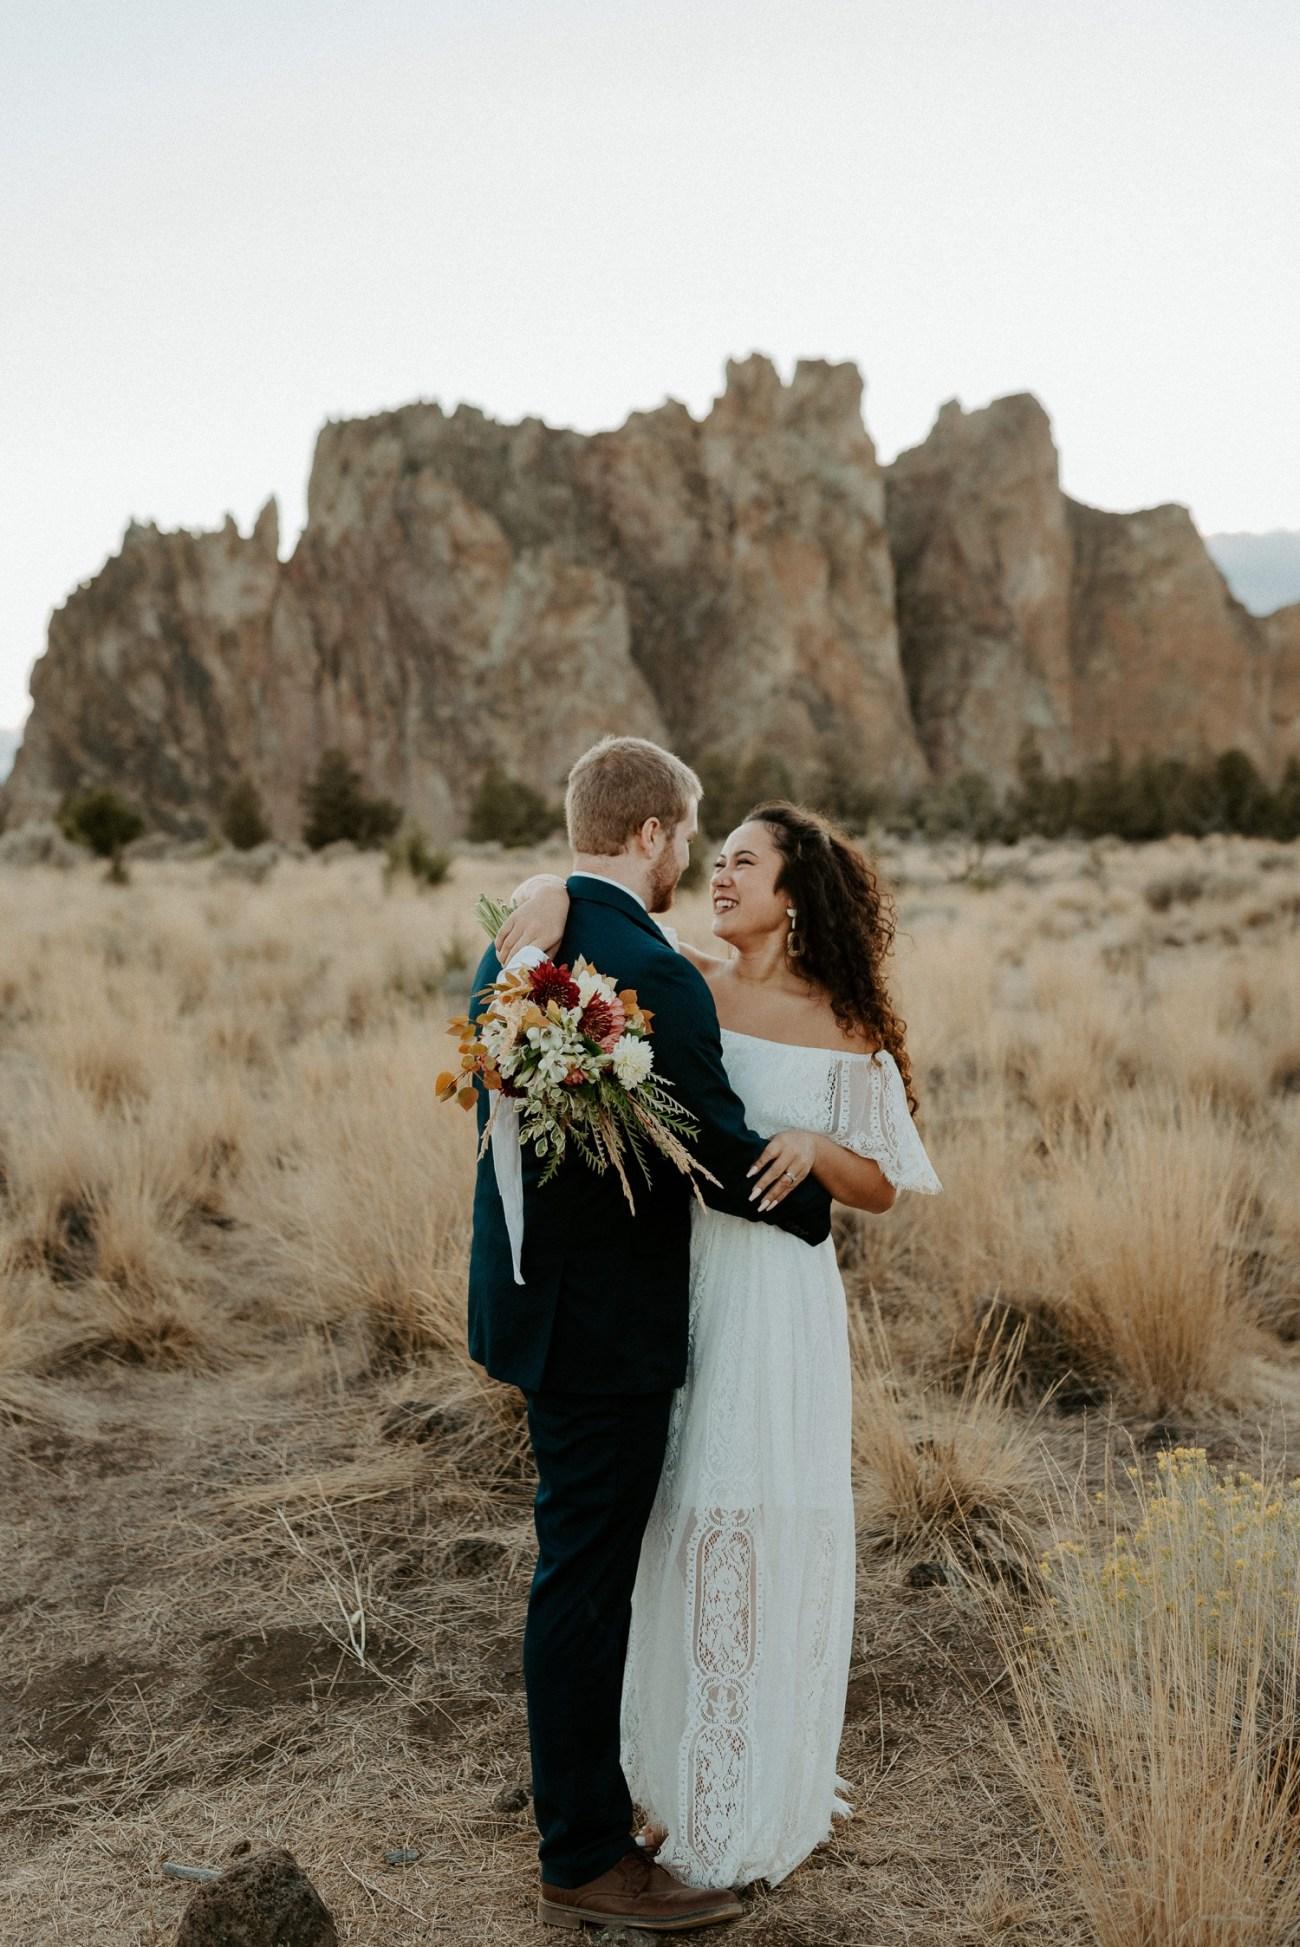 Smith Rock Elopement Bend Elopement Photographer Bend Wedding Photographer Fall Bend Wedding Anais Possamai Photography 042